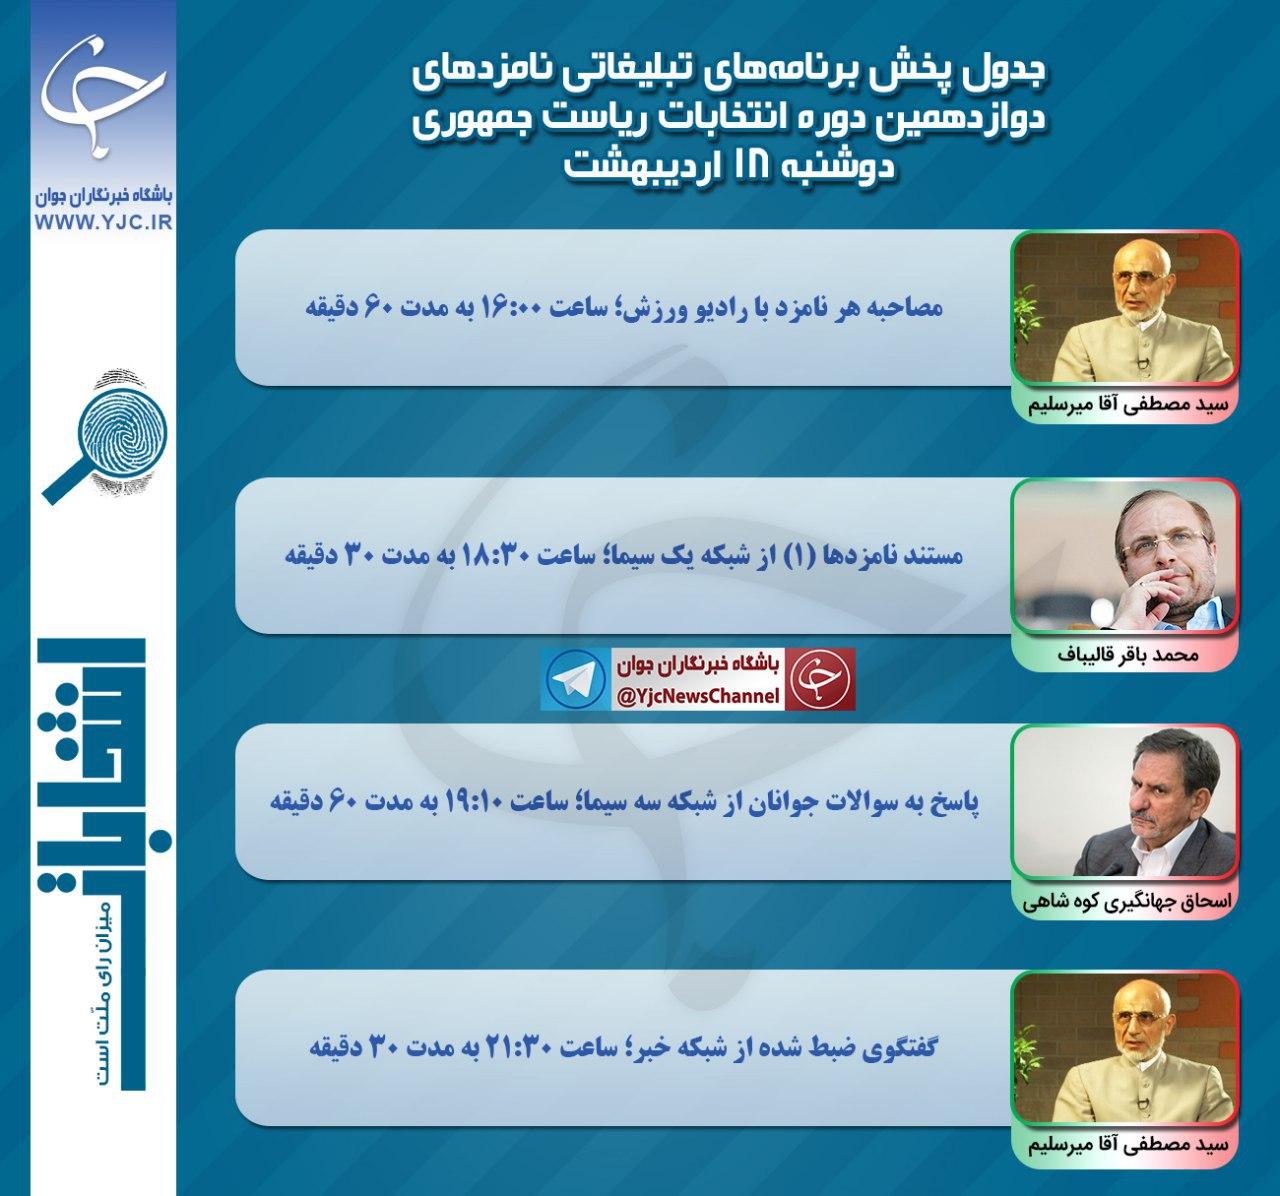 برنامه نامزدهای انتخابات ریاست جمهوری در رسانه ملی در هجدهمین روز اردیبهشت